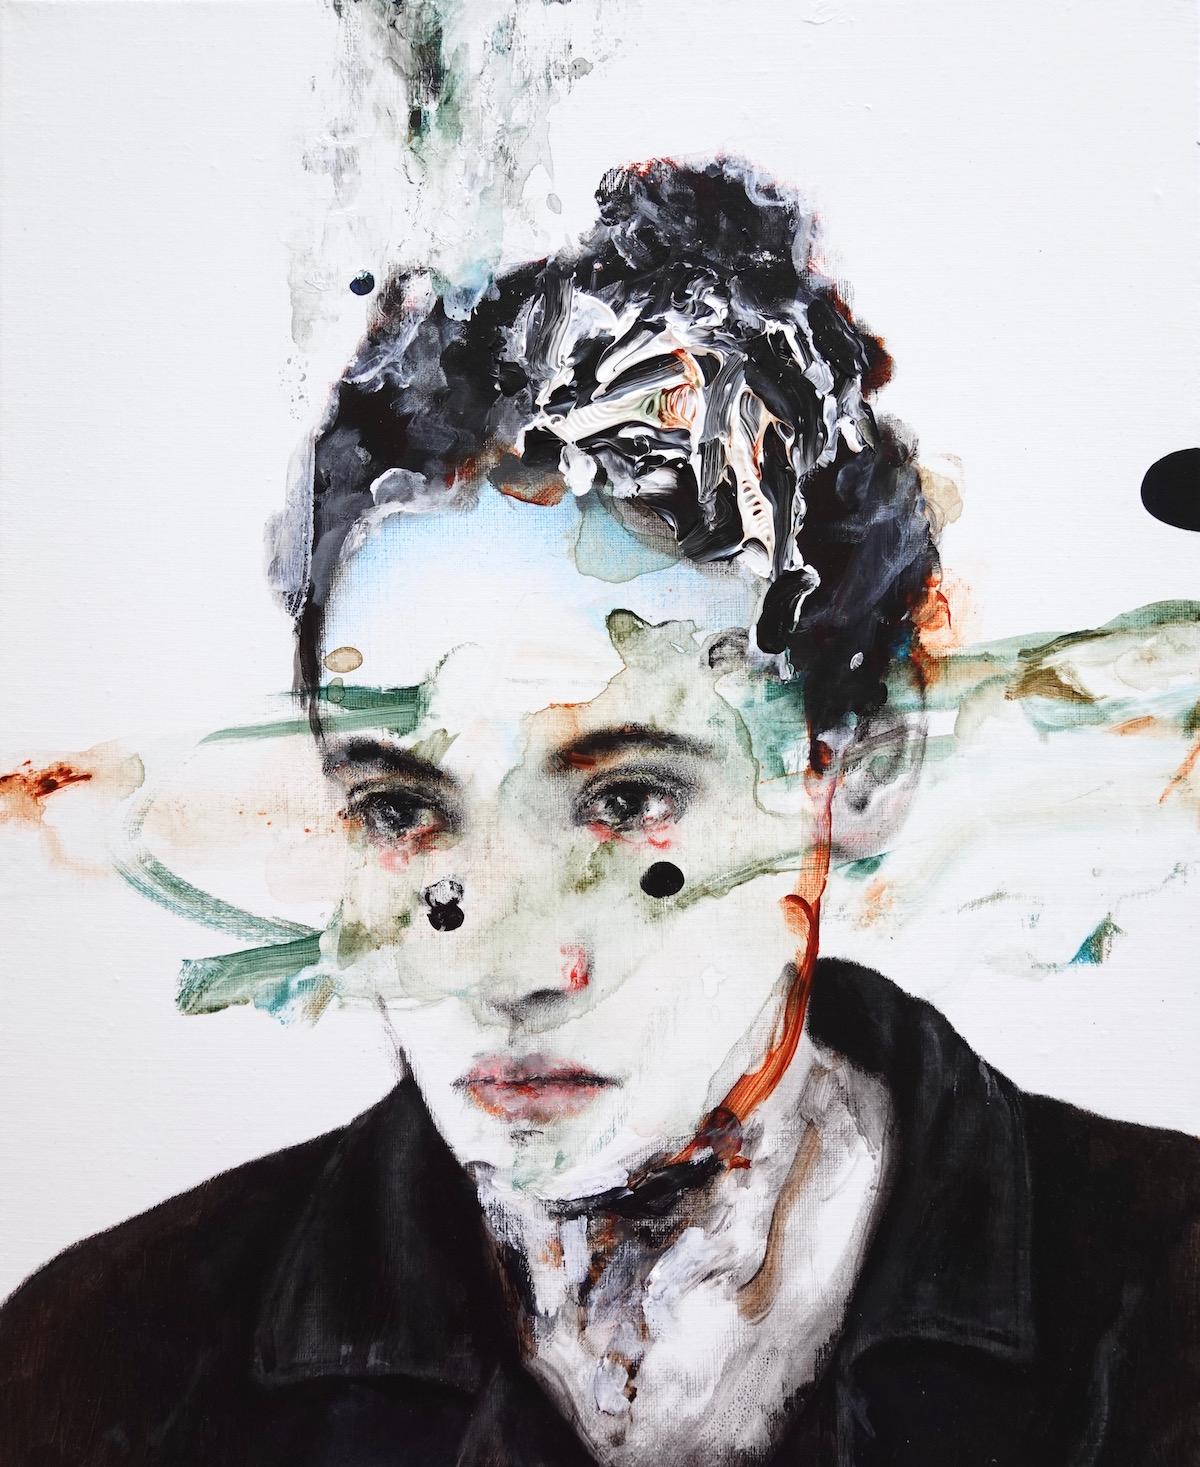 antoine cordet canvas toile peinture painting portrait art artist artiste peintre acrylic oil inside the stomach